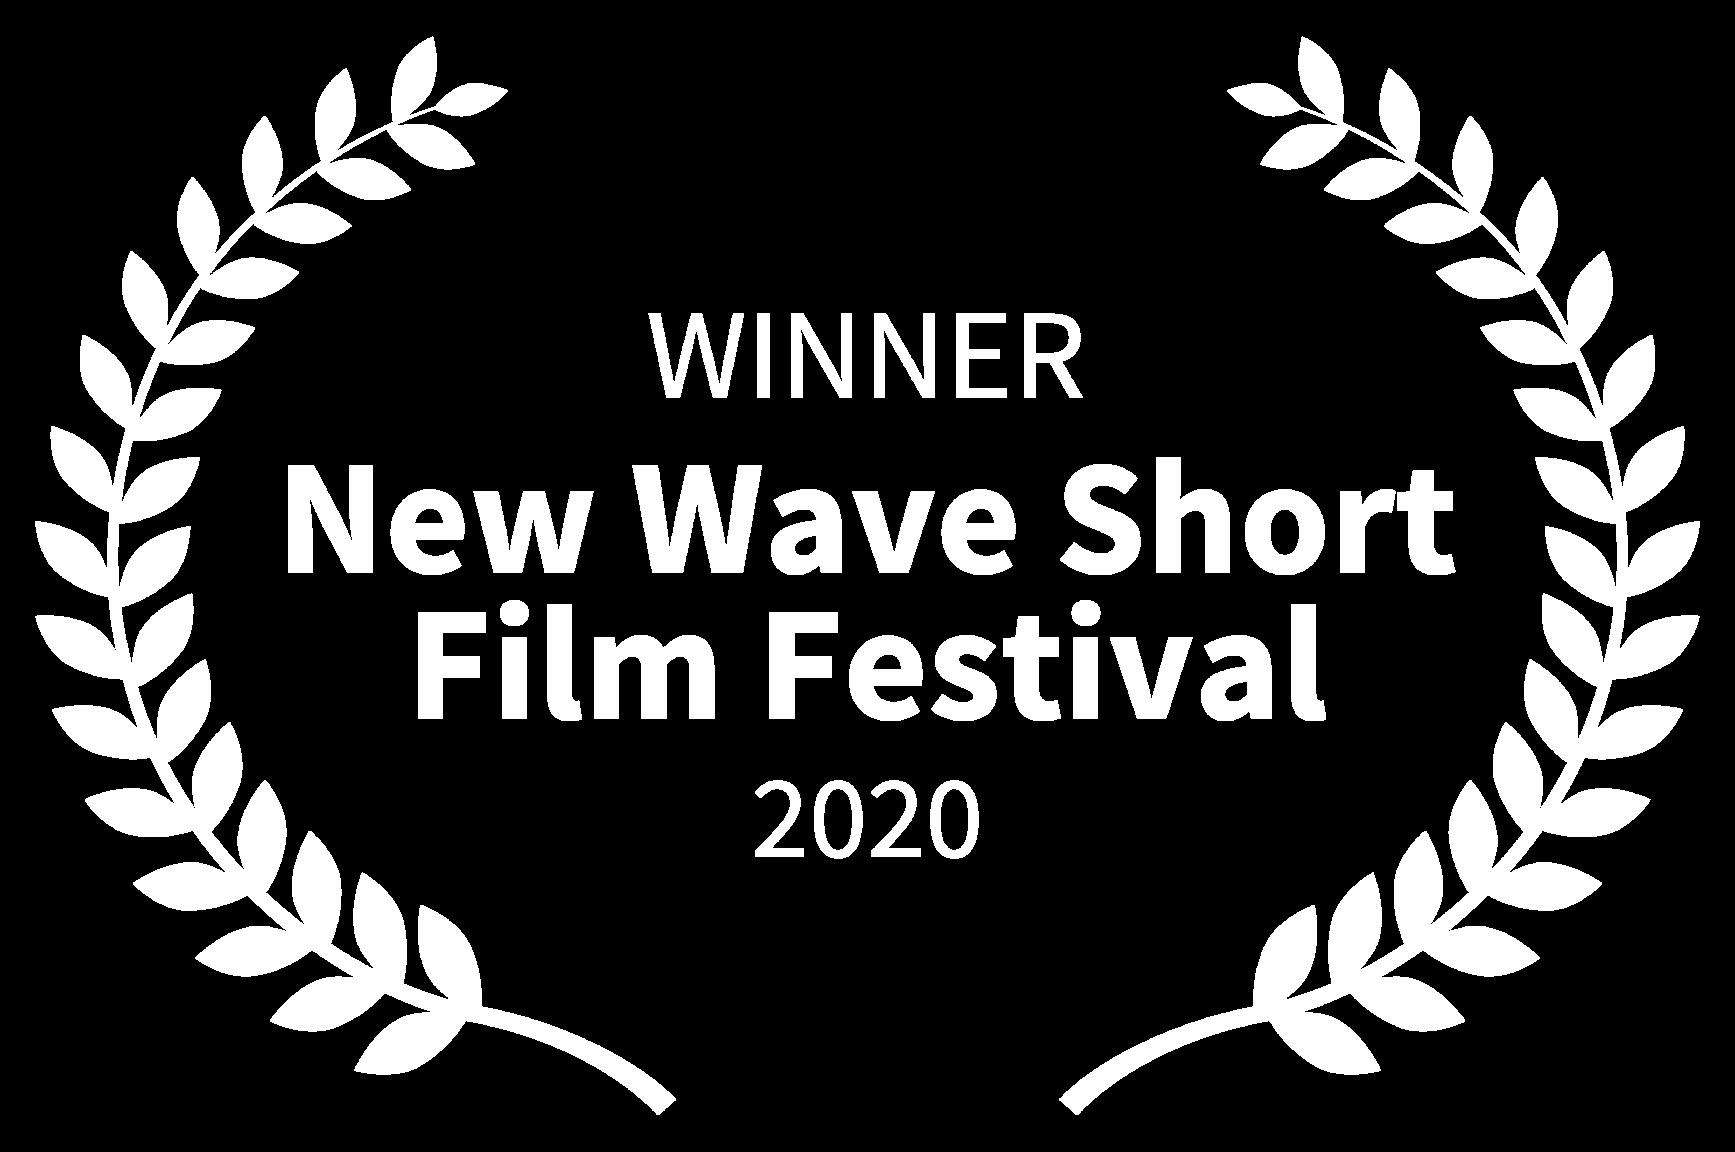 WINNER - New Wave Short Film Festival - 2020